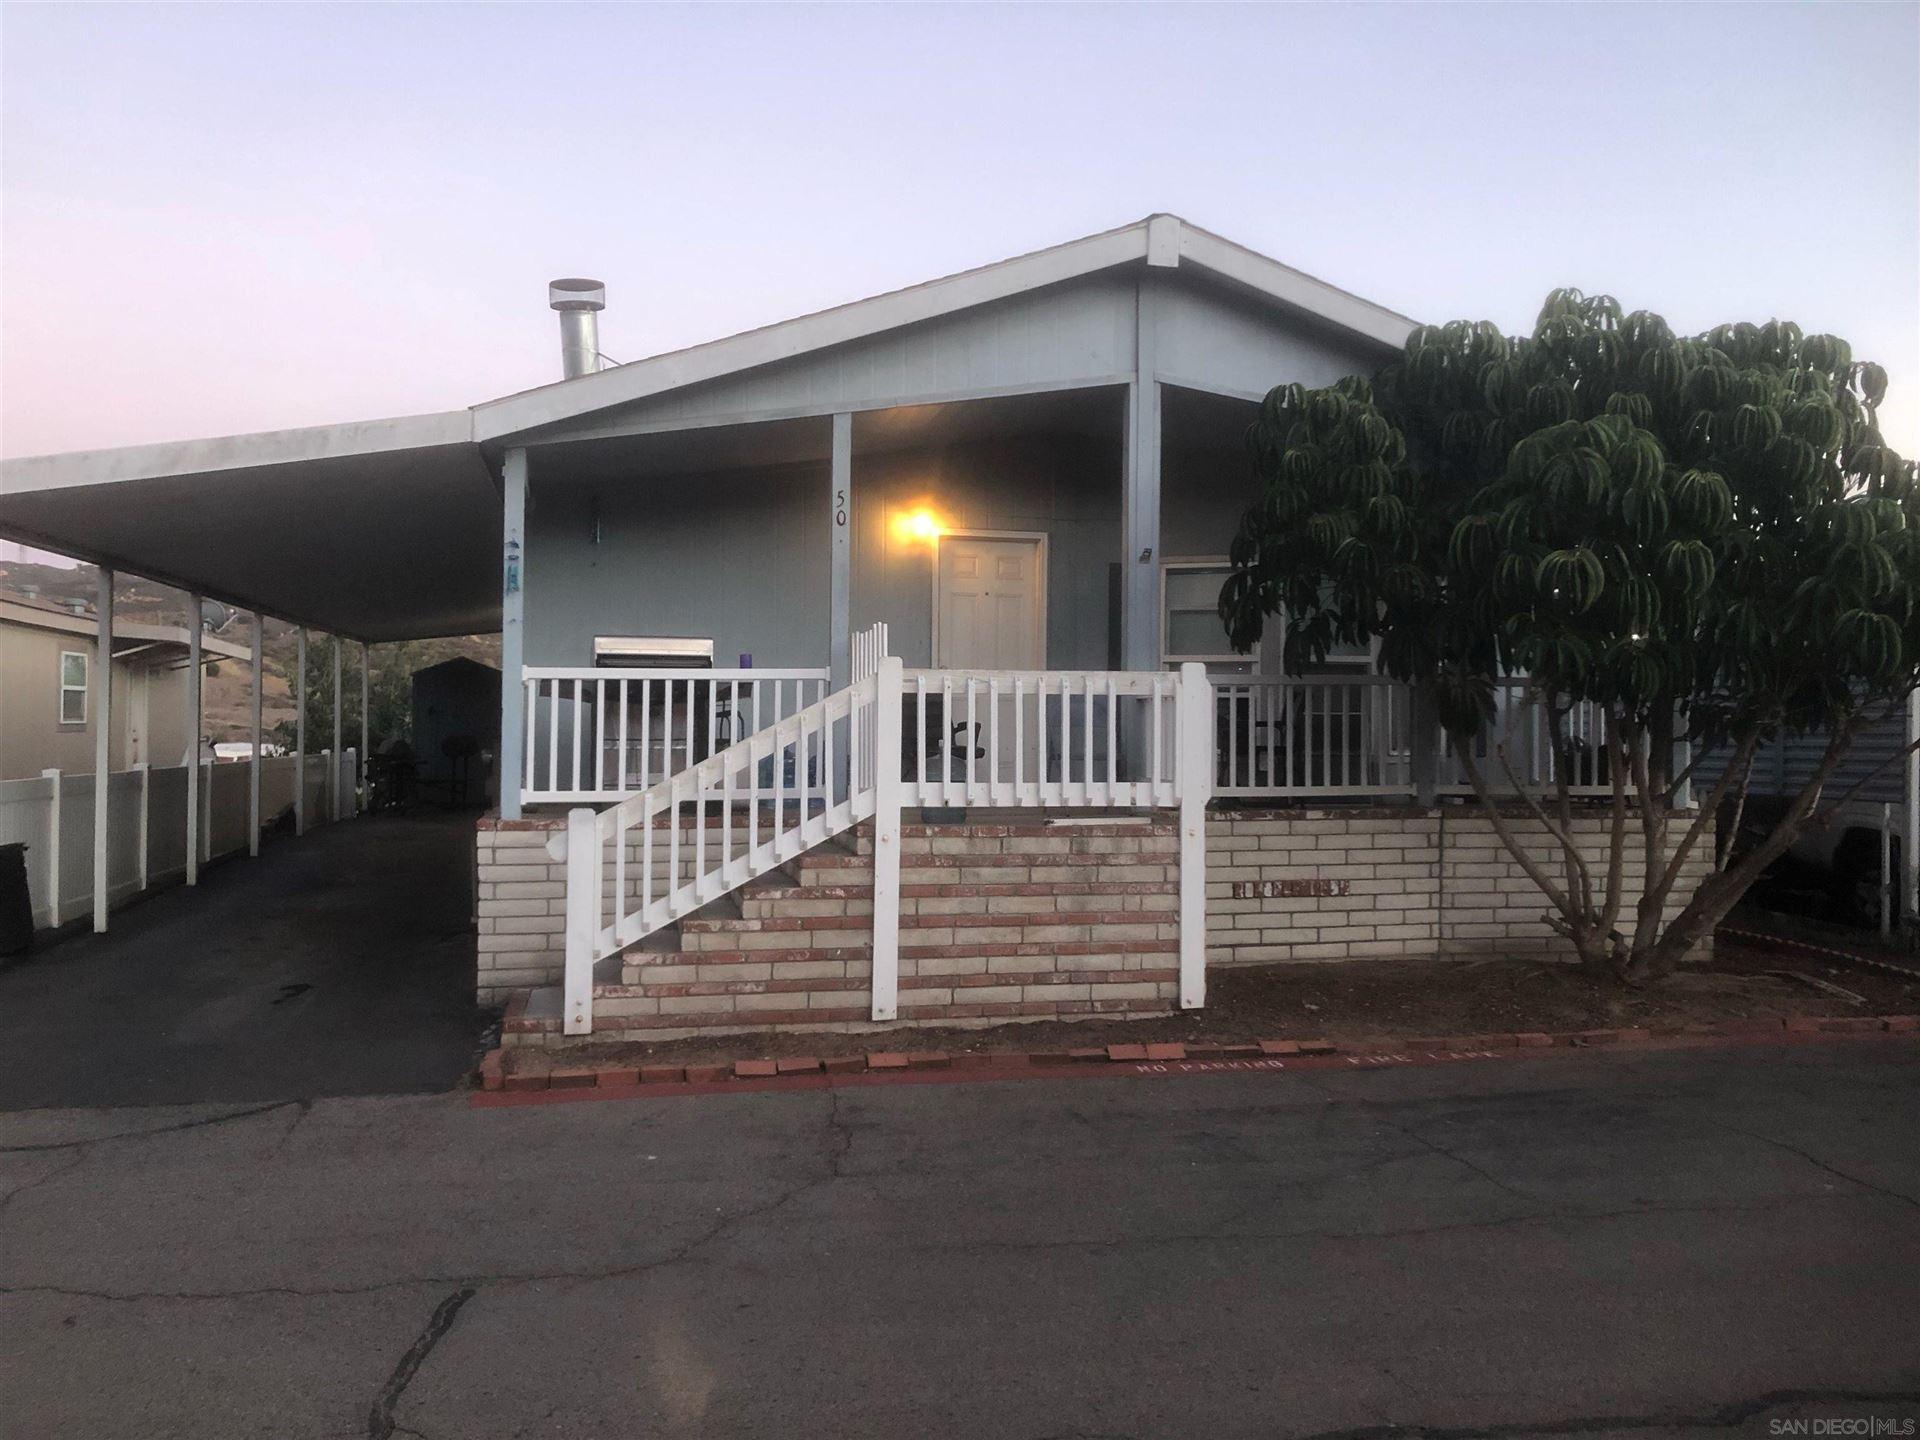 Photo of 12970 Highway 8 Business #50, El Cajon, CA 92021 (MLS # 210029361)